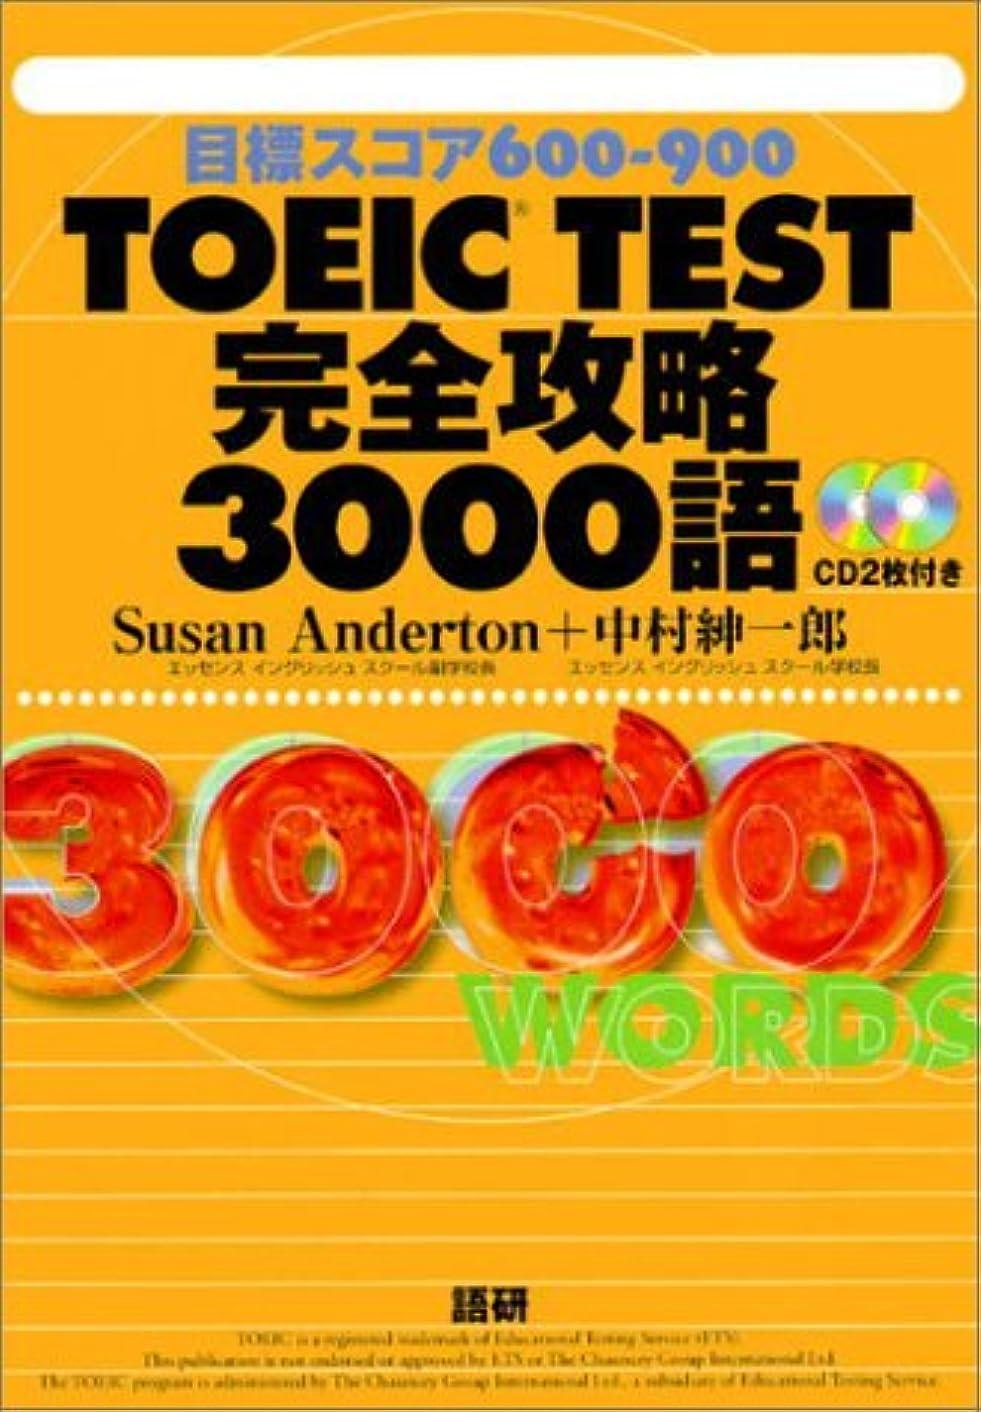 服を洗う素晴らしい良い多くのオートマトンTOEIC TEST完全攻略3000語―目標スコア600-900 (<CD+テキスト>)